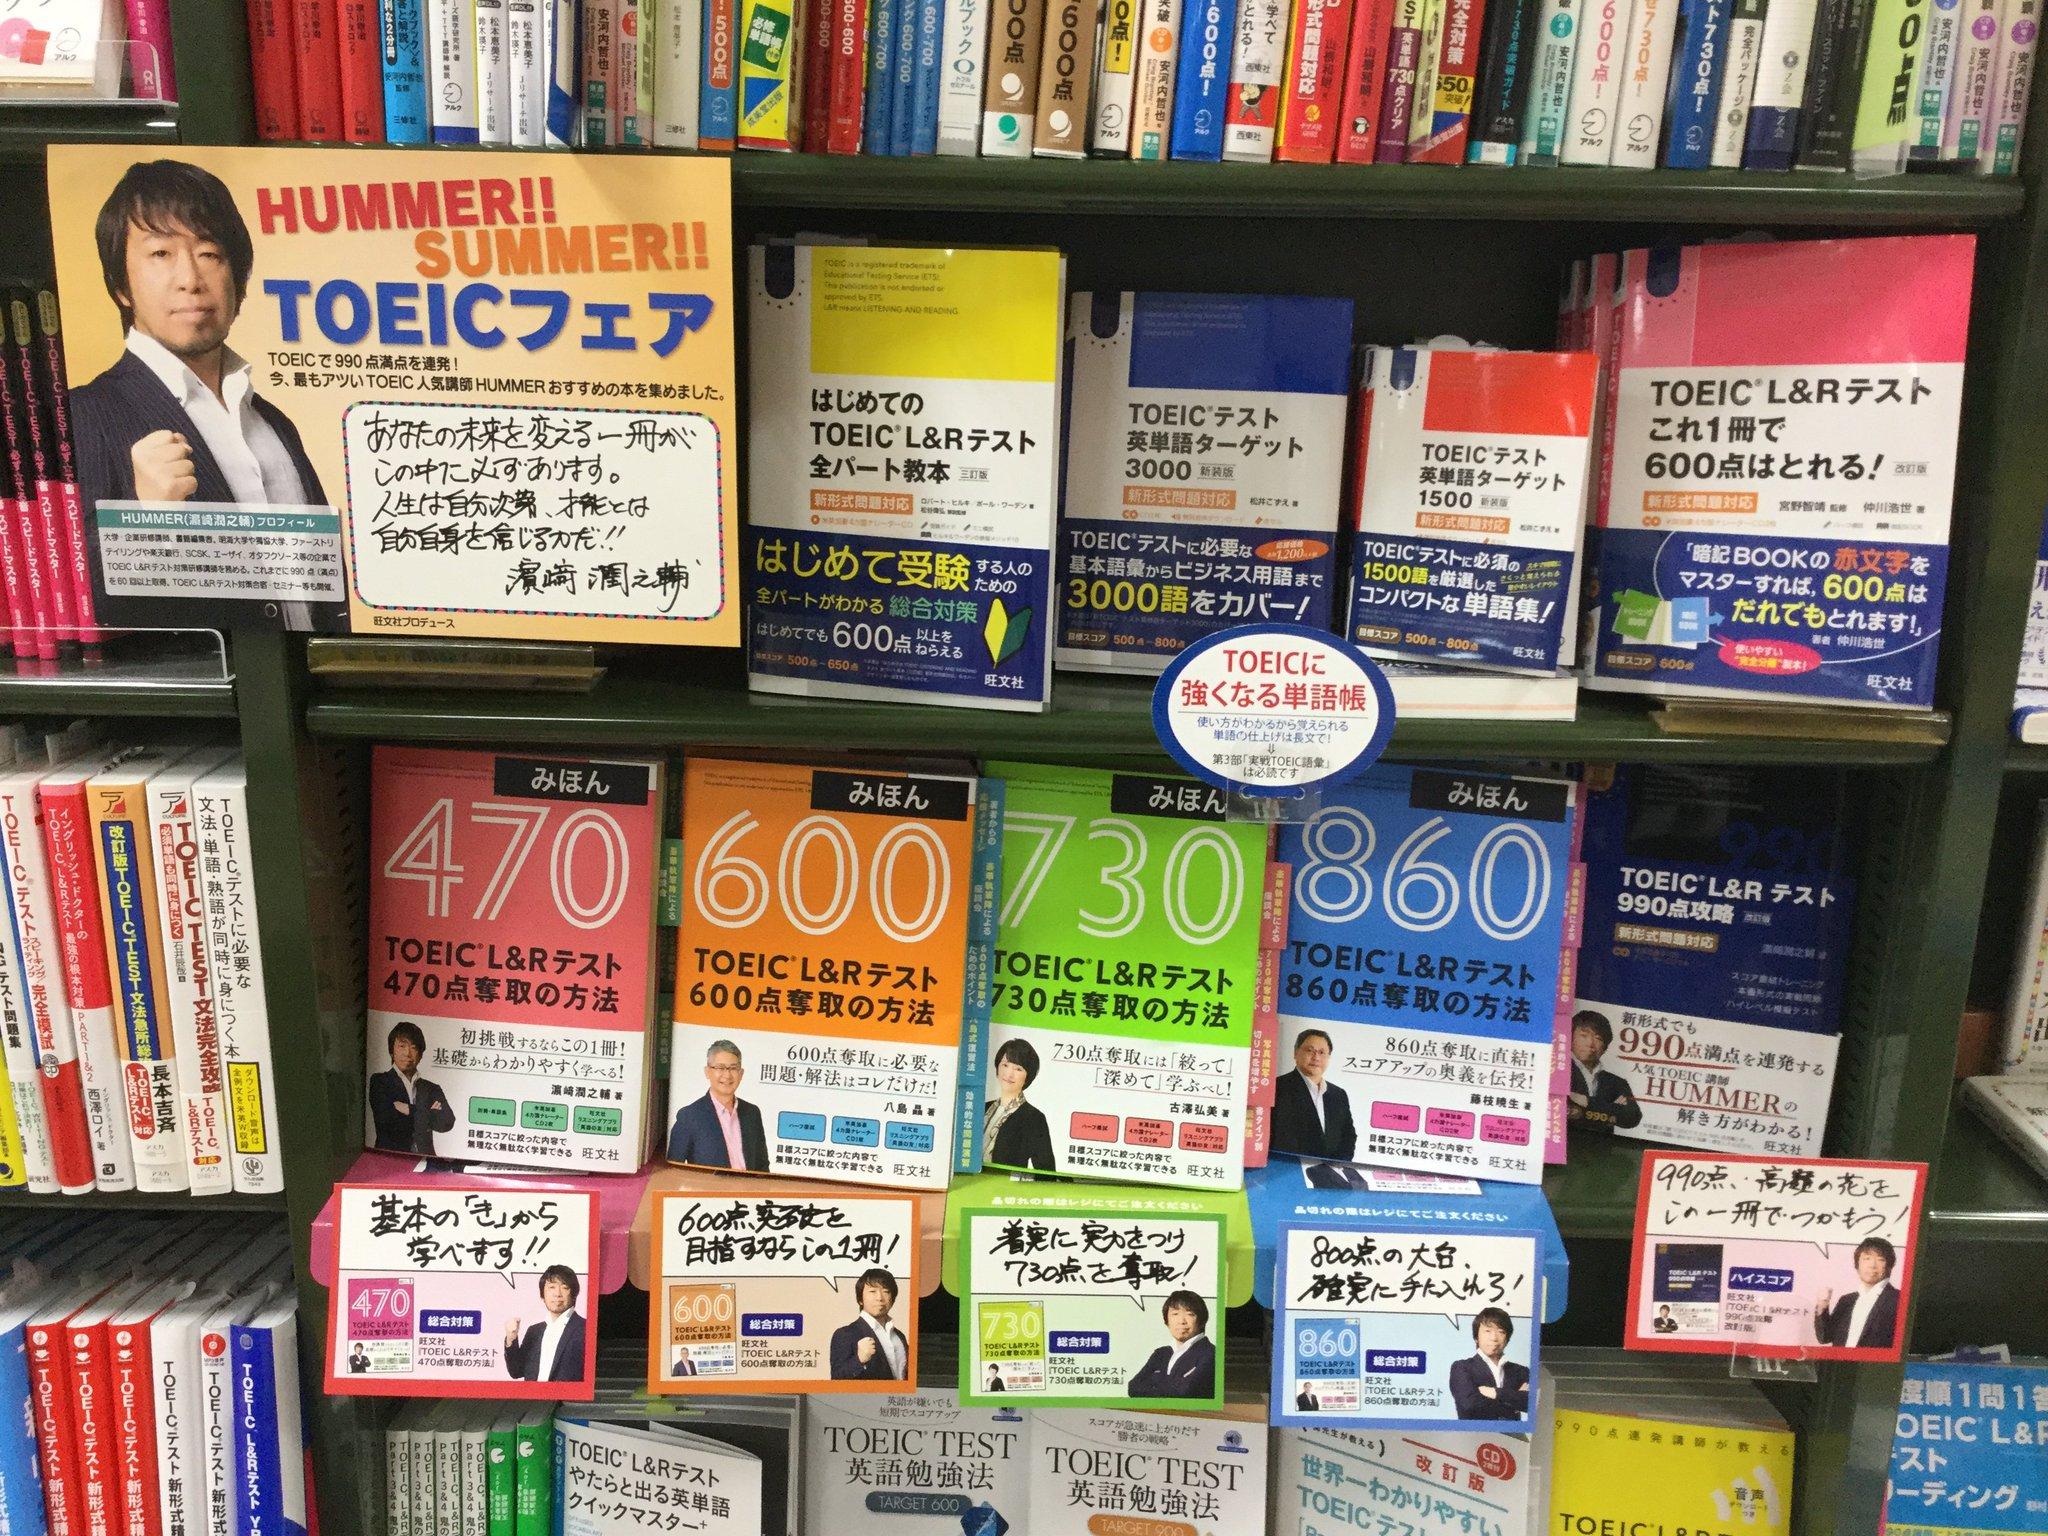 くまざわ書店錦糸町店